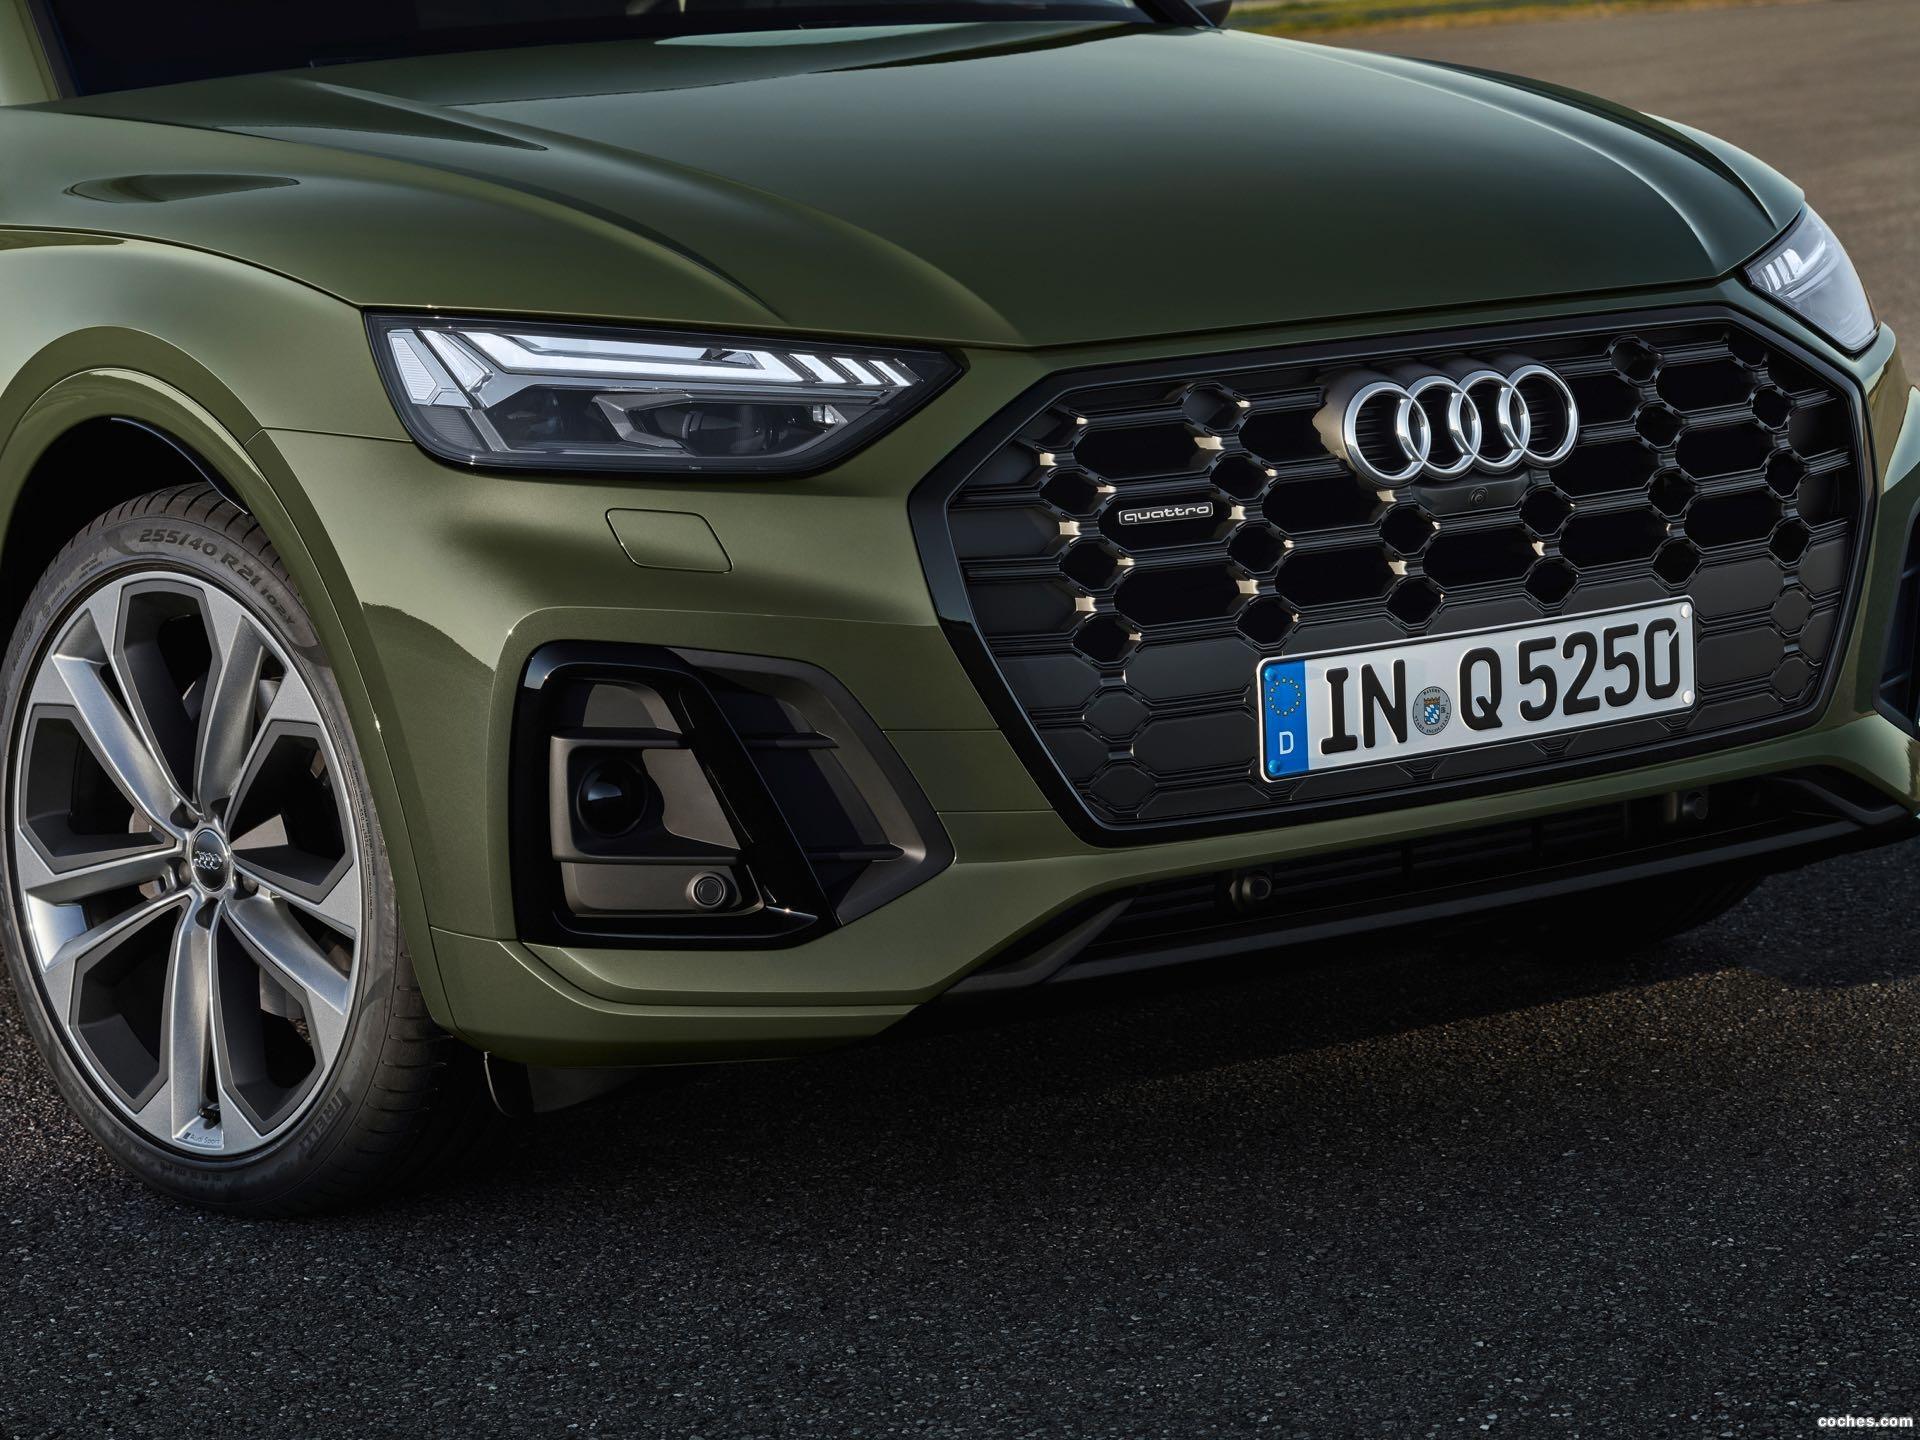 Foto 35 de Audi Q5 40 TDI quattro S line 2020